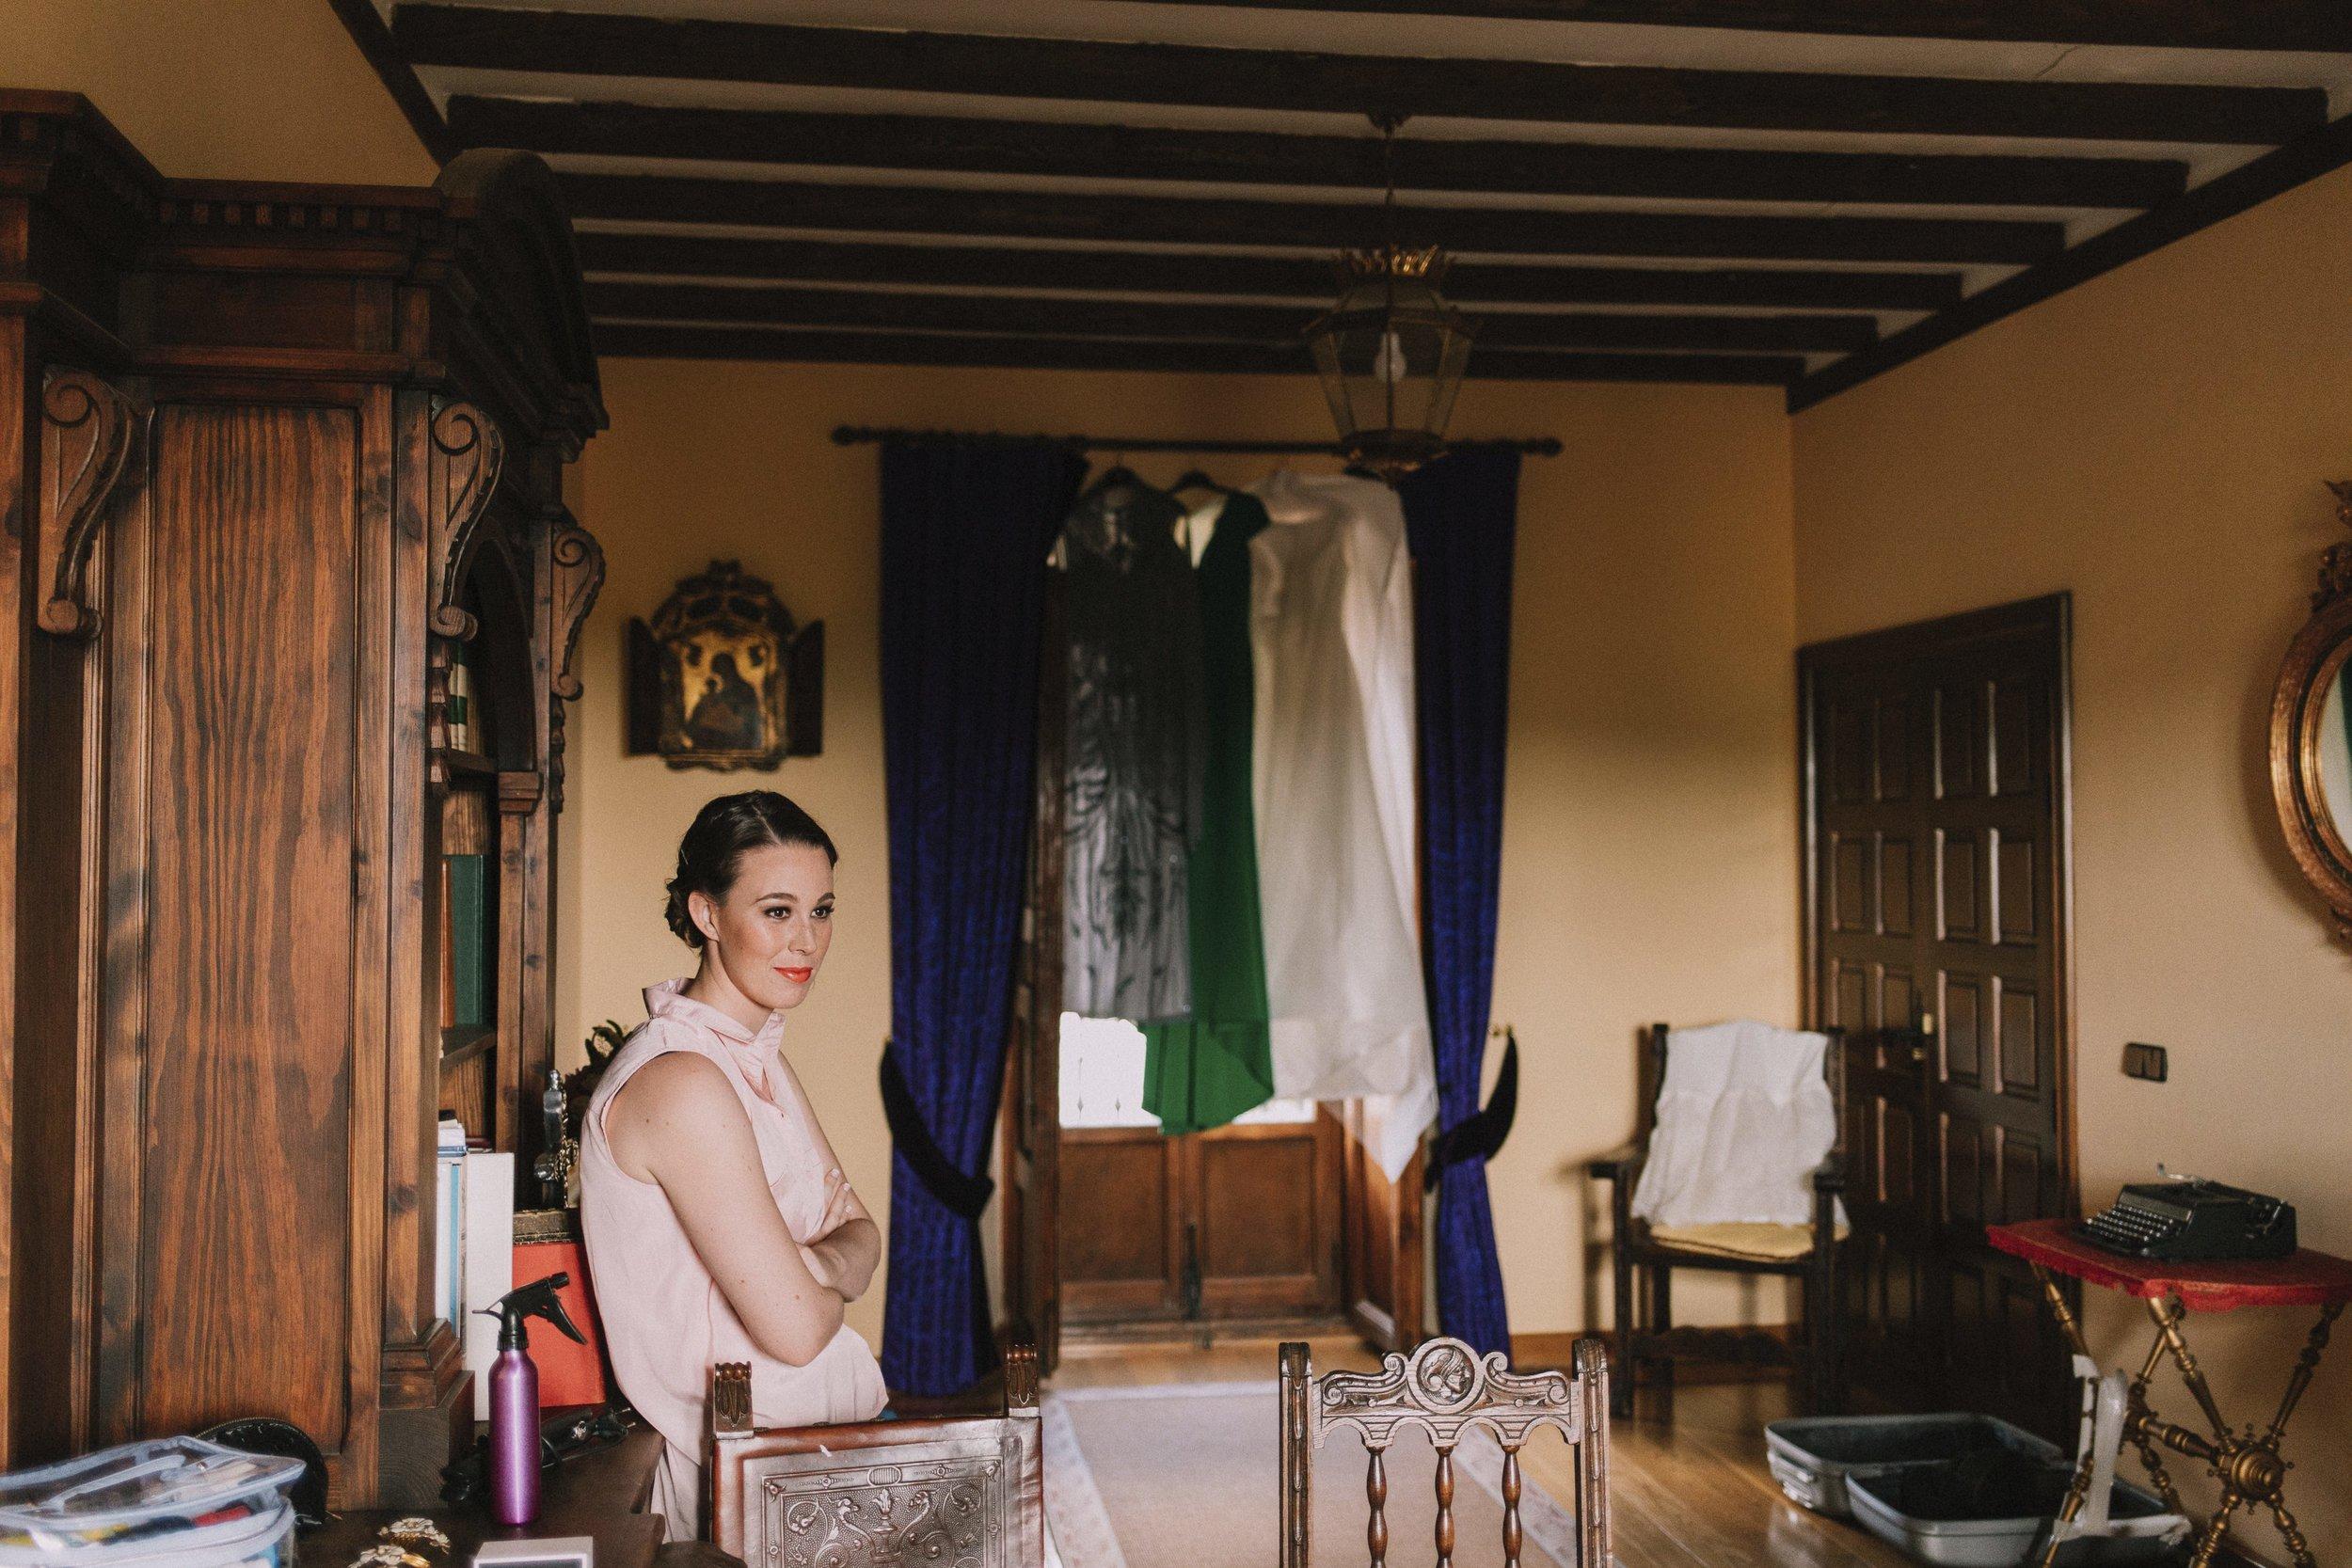 boda-finca-casa-oficios-cyc-0217.jpg